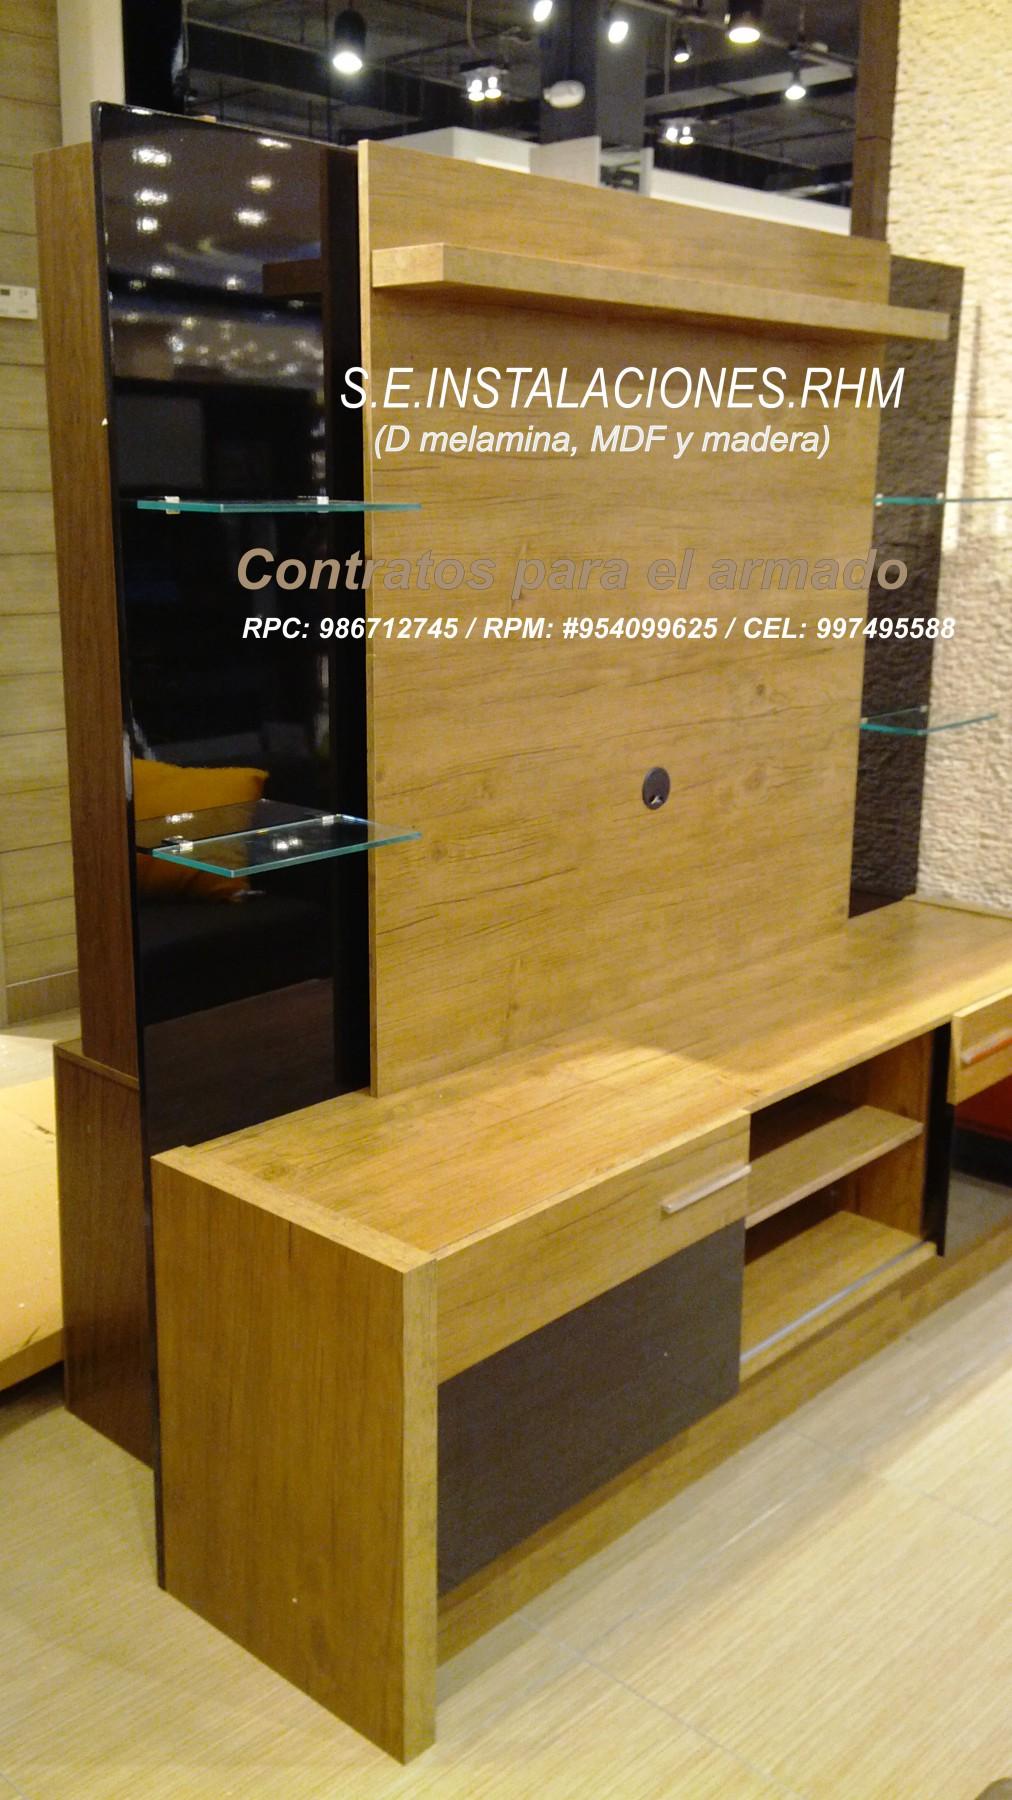 Muebles dormitorio sodimac 20170812155218 for Armado de muebles en mdf